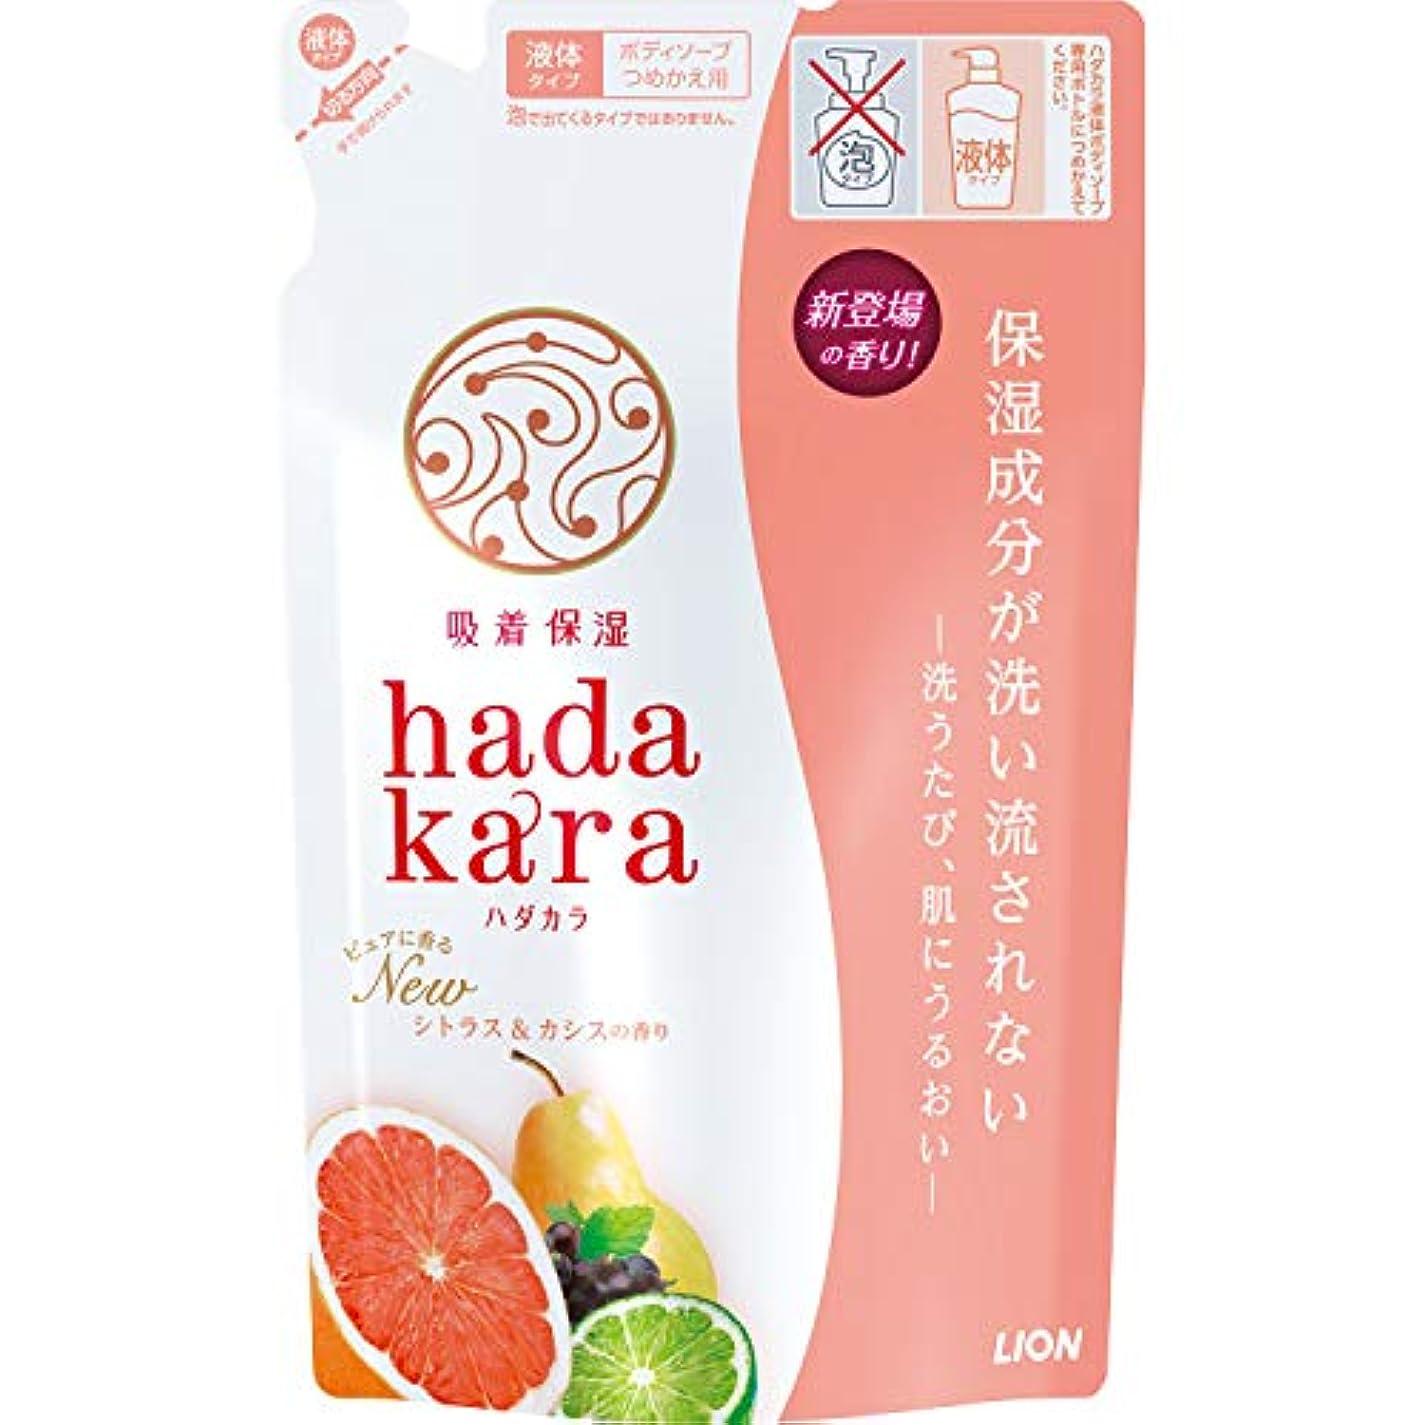 贈り物自転車コックhadakara(ハダカラ) ボディソープ シトラス&カシスの香り つめかえ 360ml 詰替え用